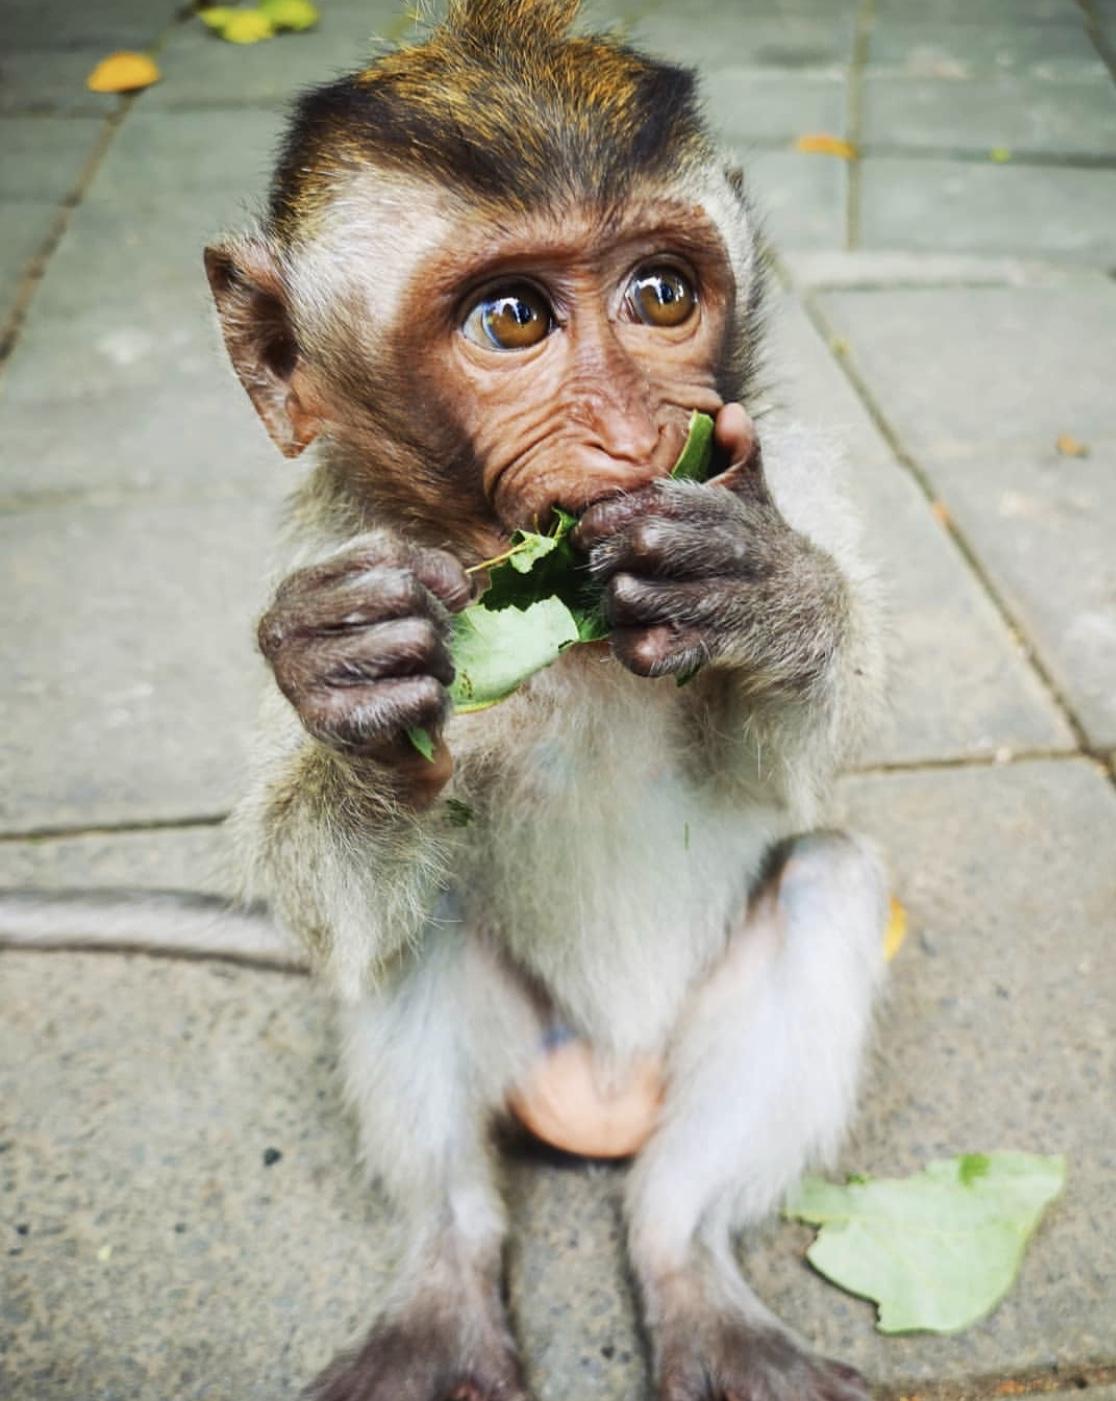 Baby monkey in Bali